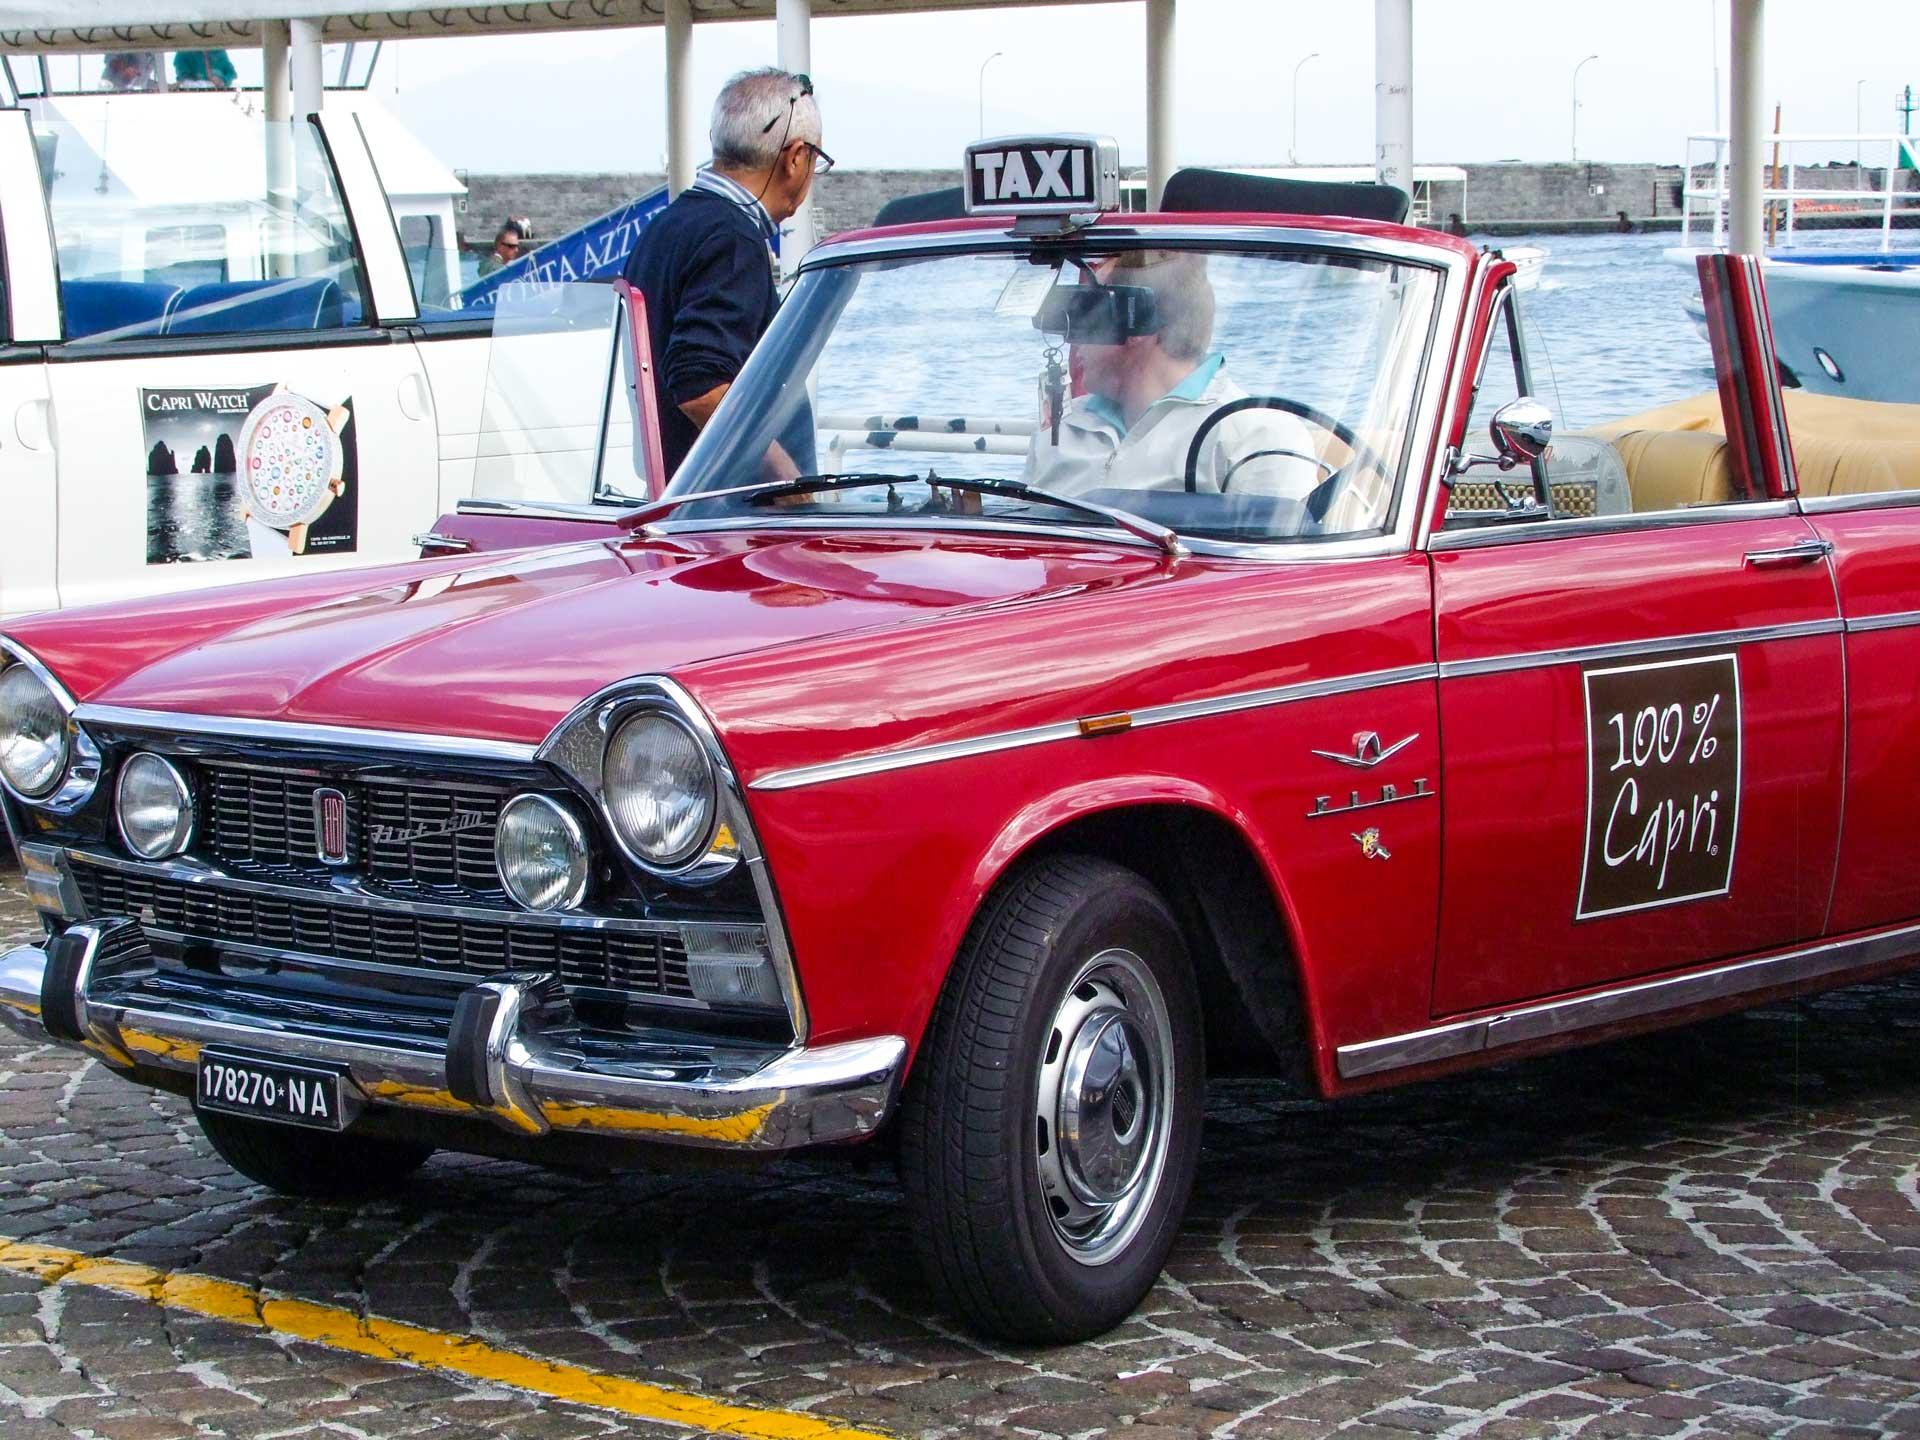 Gruppresa till Capri Italien med väntande taxibil